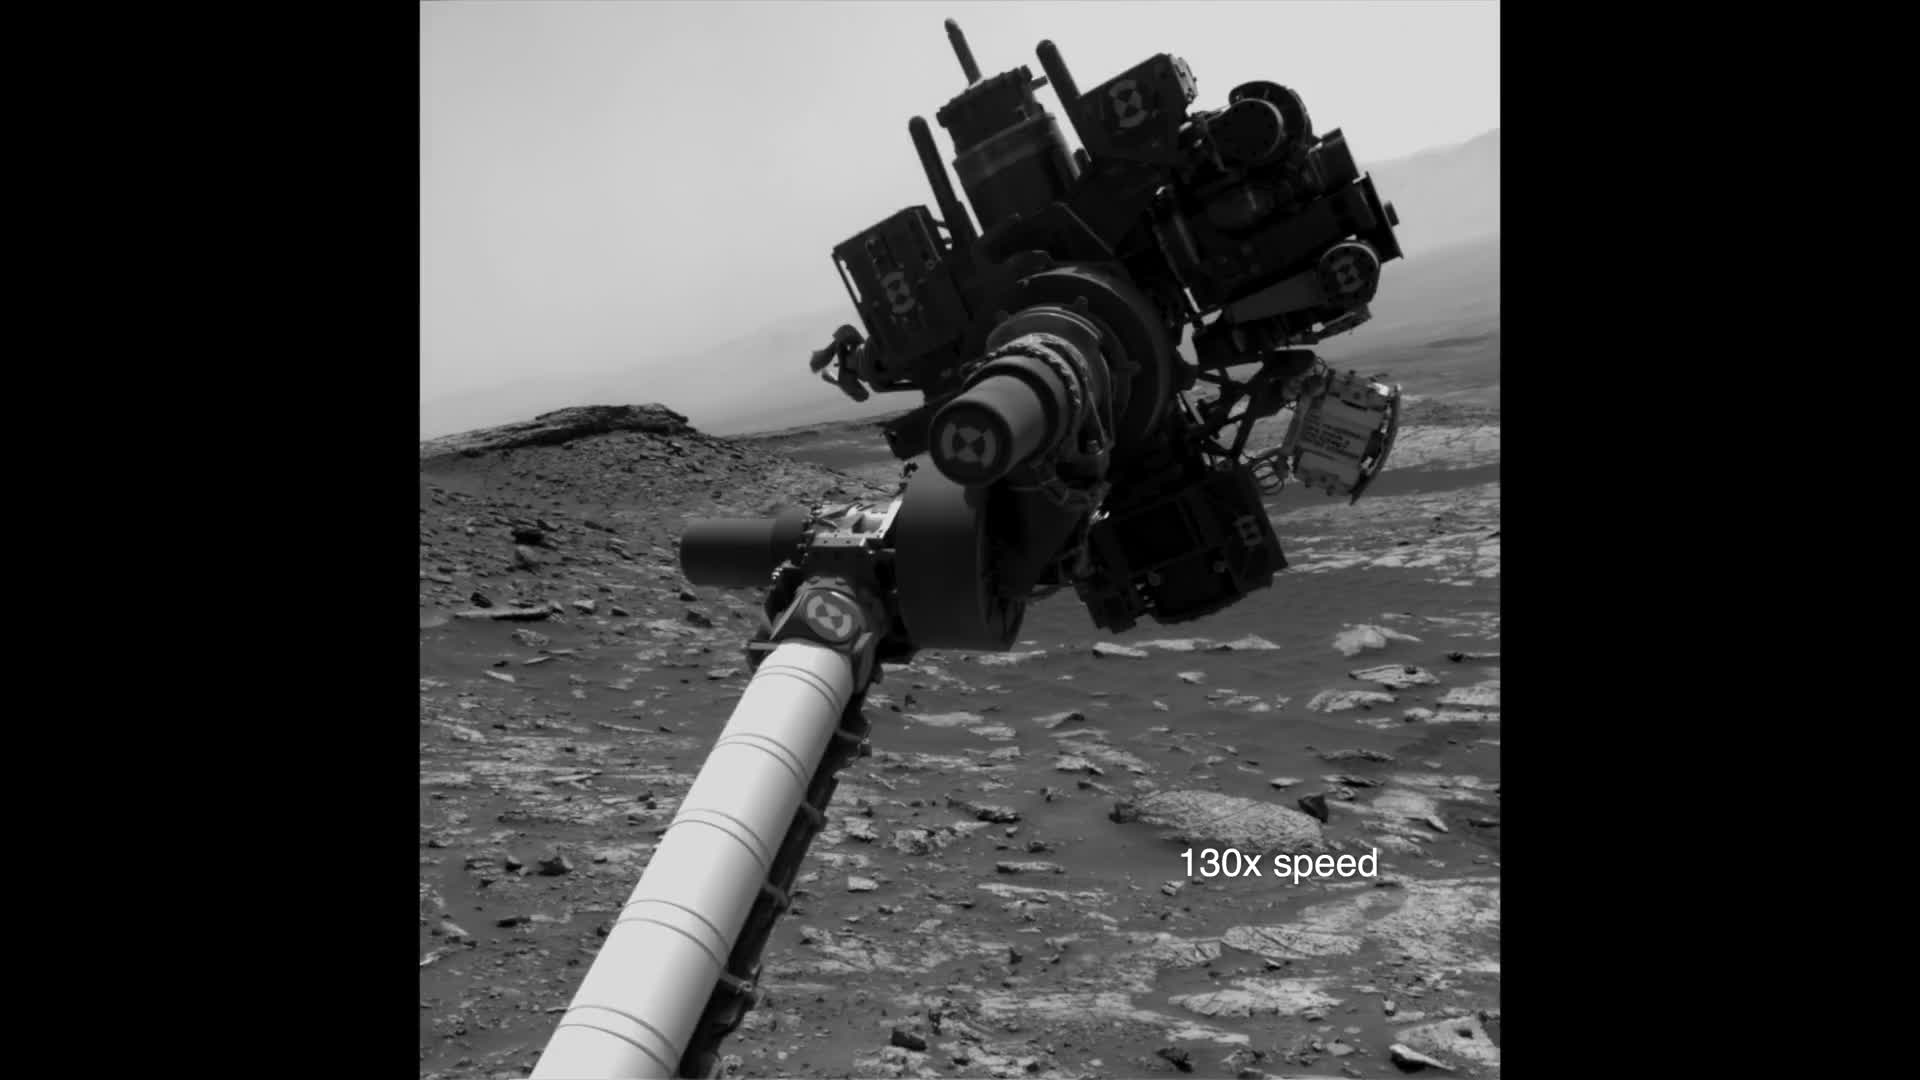 Forschung, Weltraum, Raumfahrt, Nasa, Mars, Sonde, Selfie, Curiosity, Mars-Rover